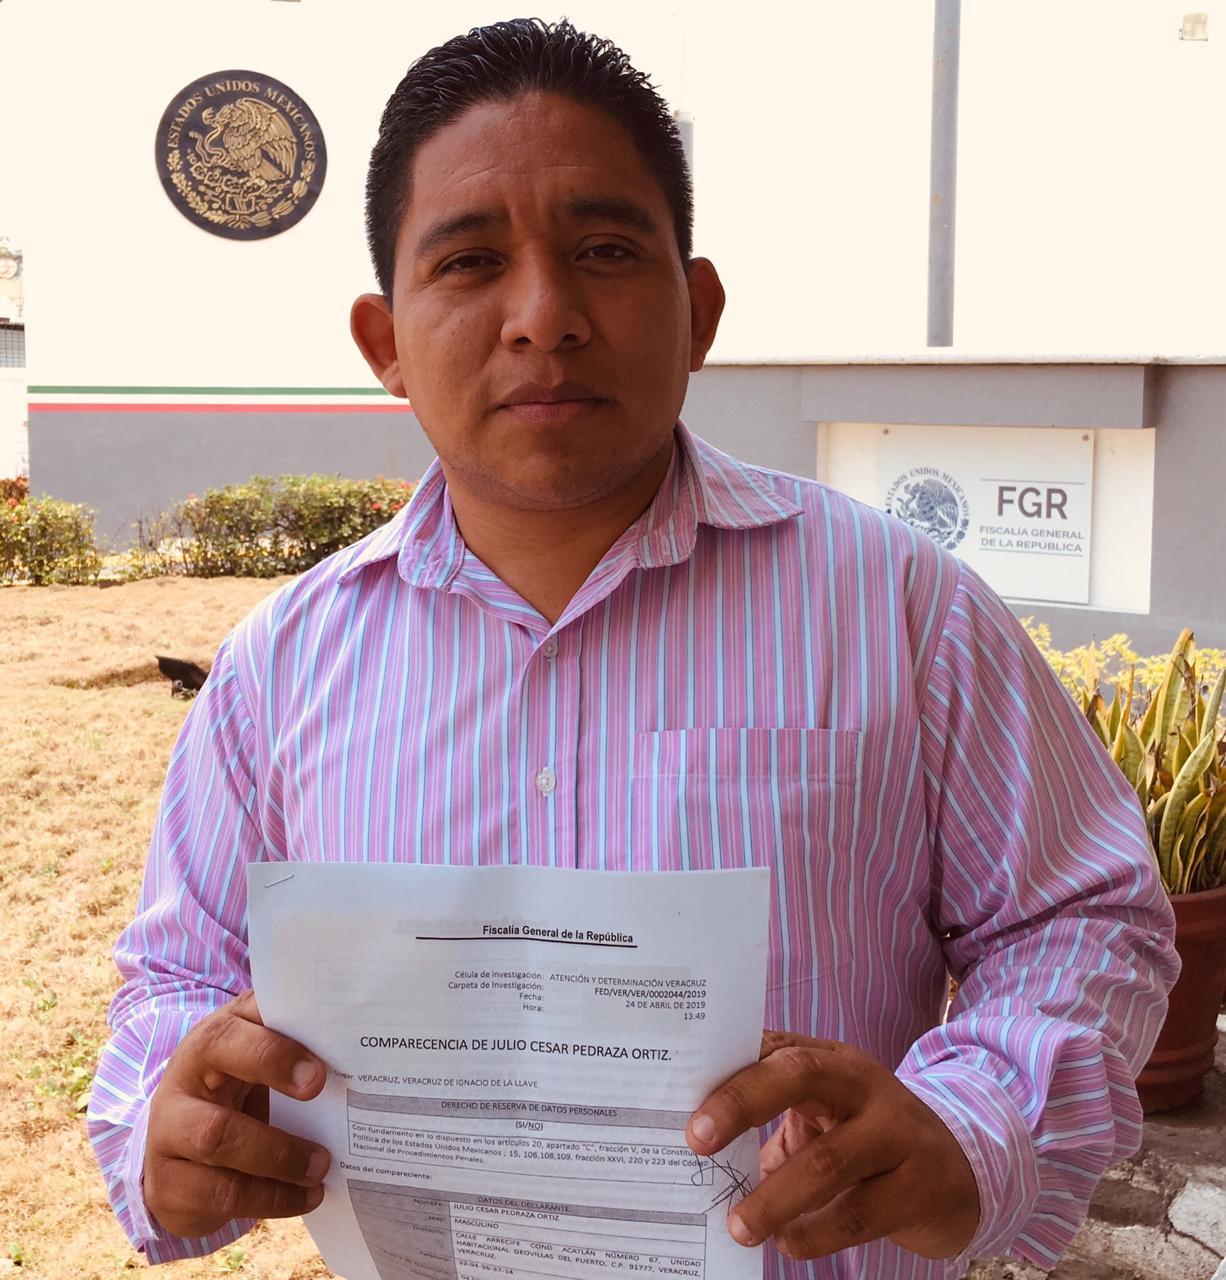 Declara locutor Julio César Pedraza ante FGR por amenazas de muerte ante críticas a gobierno estatal (Veracruz)